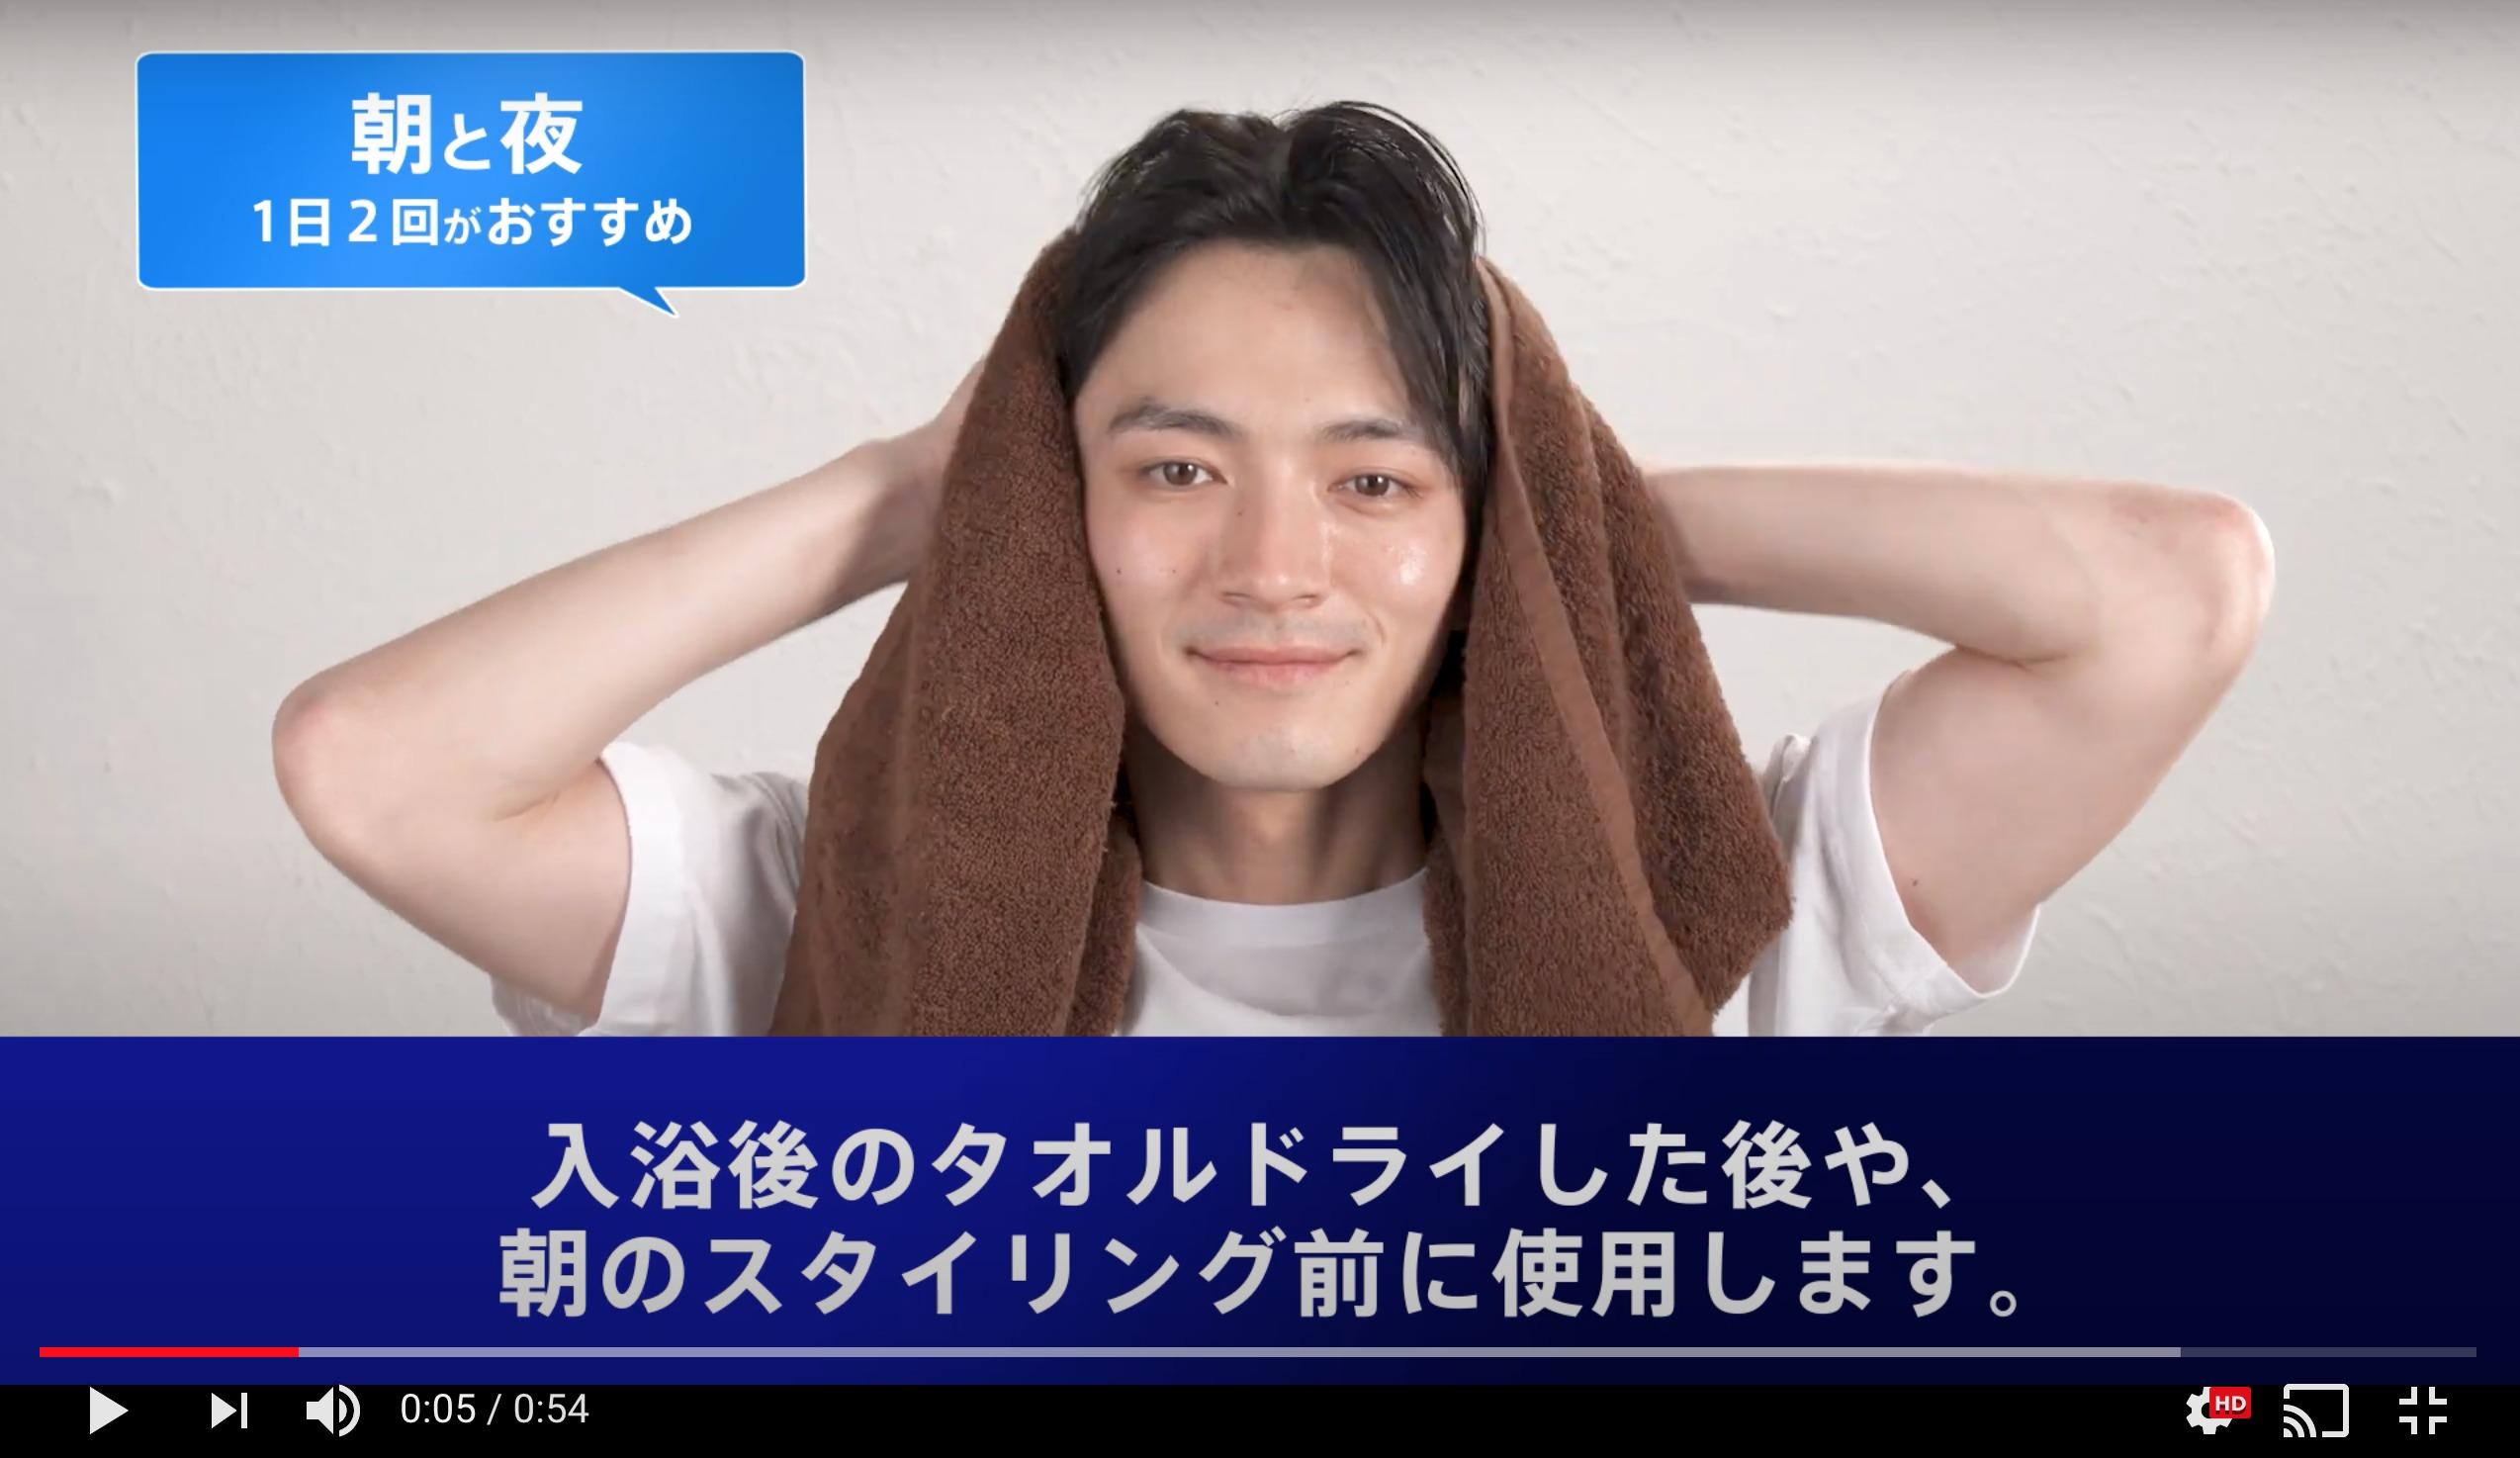 サクセスの使い方 髪を乾かしてから使う